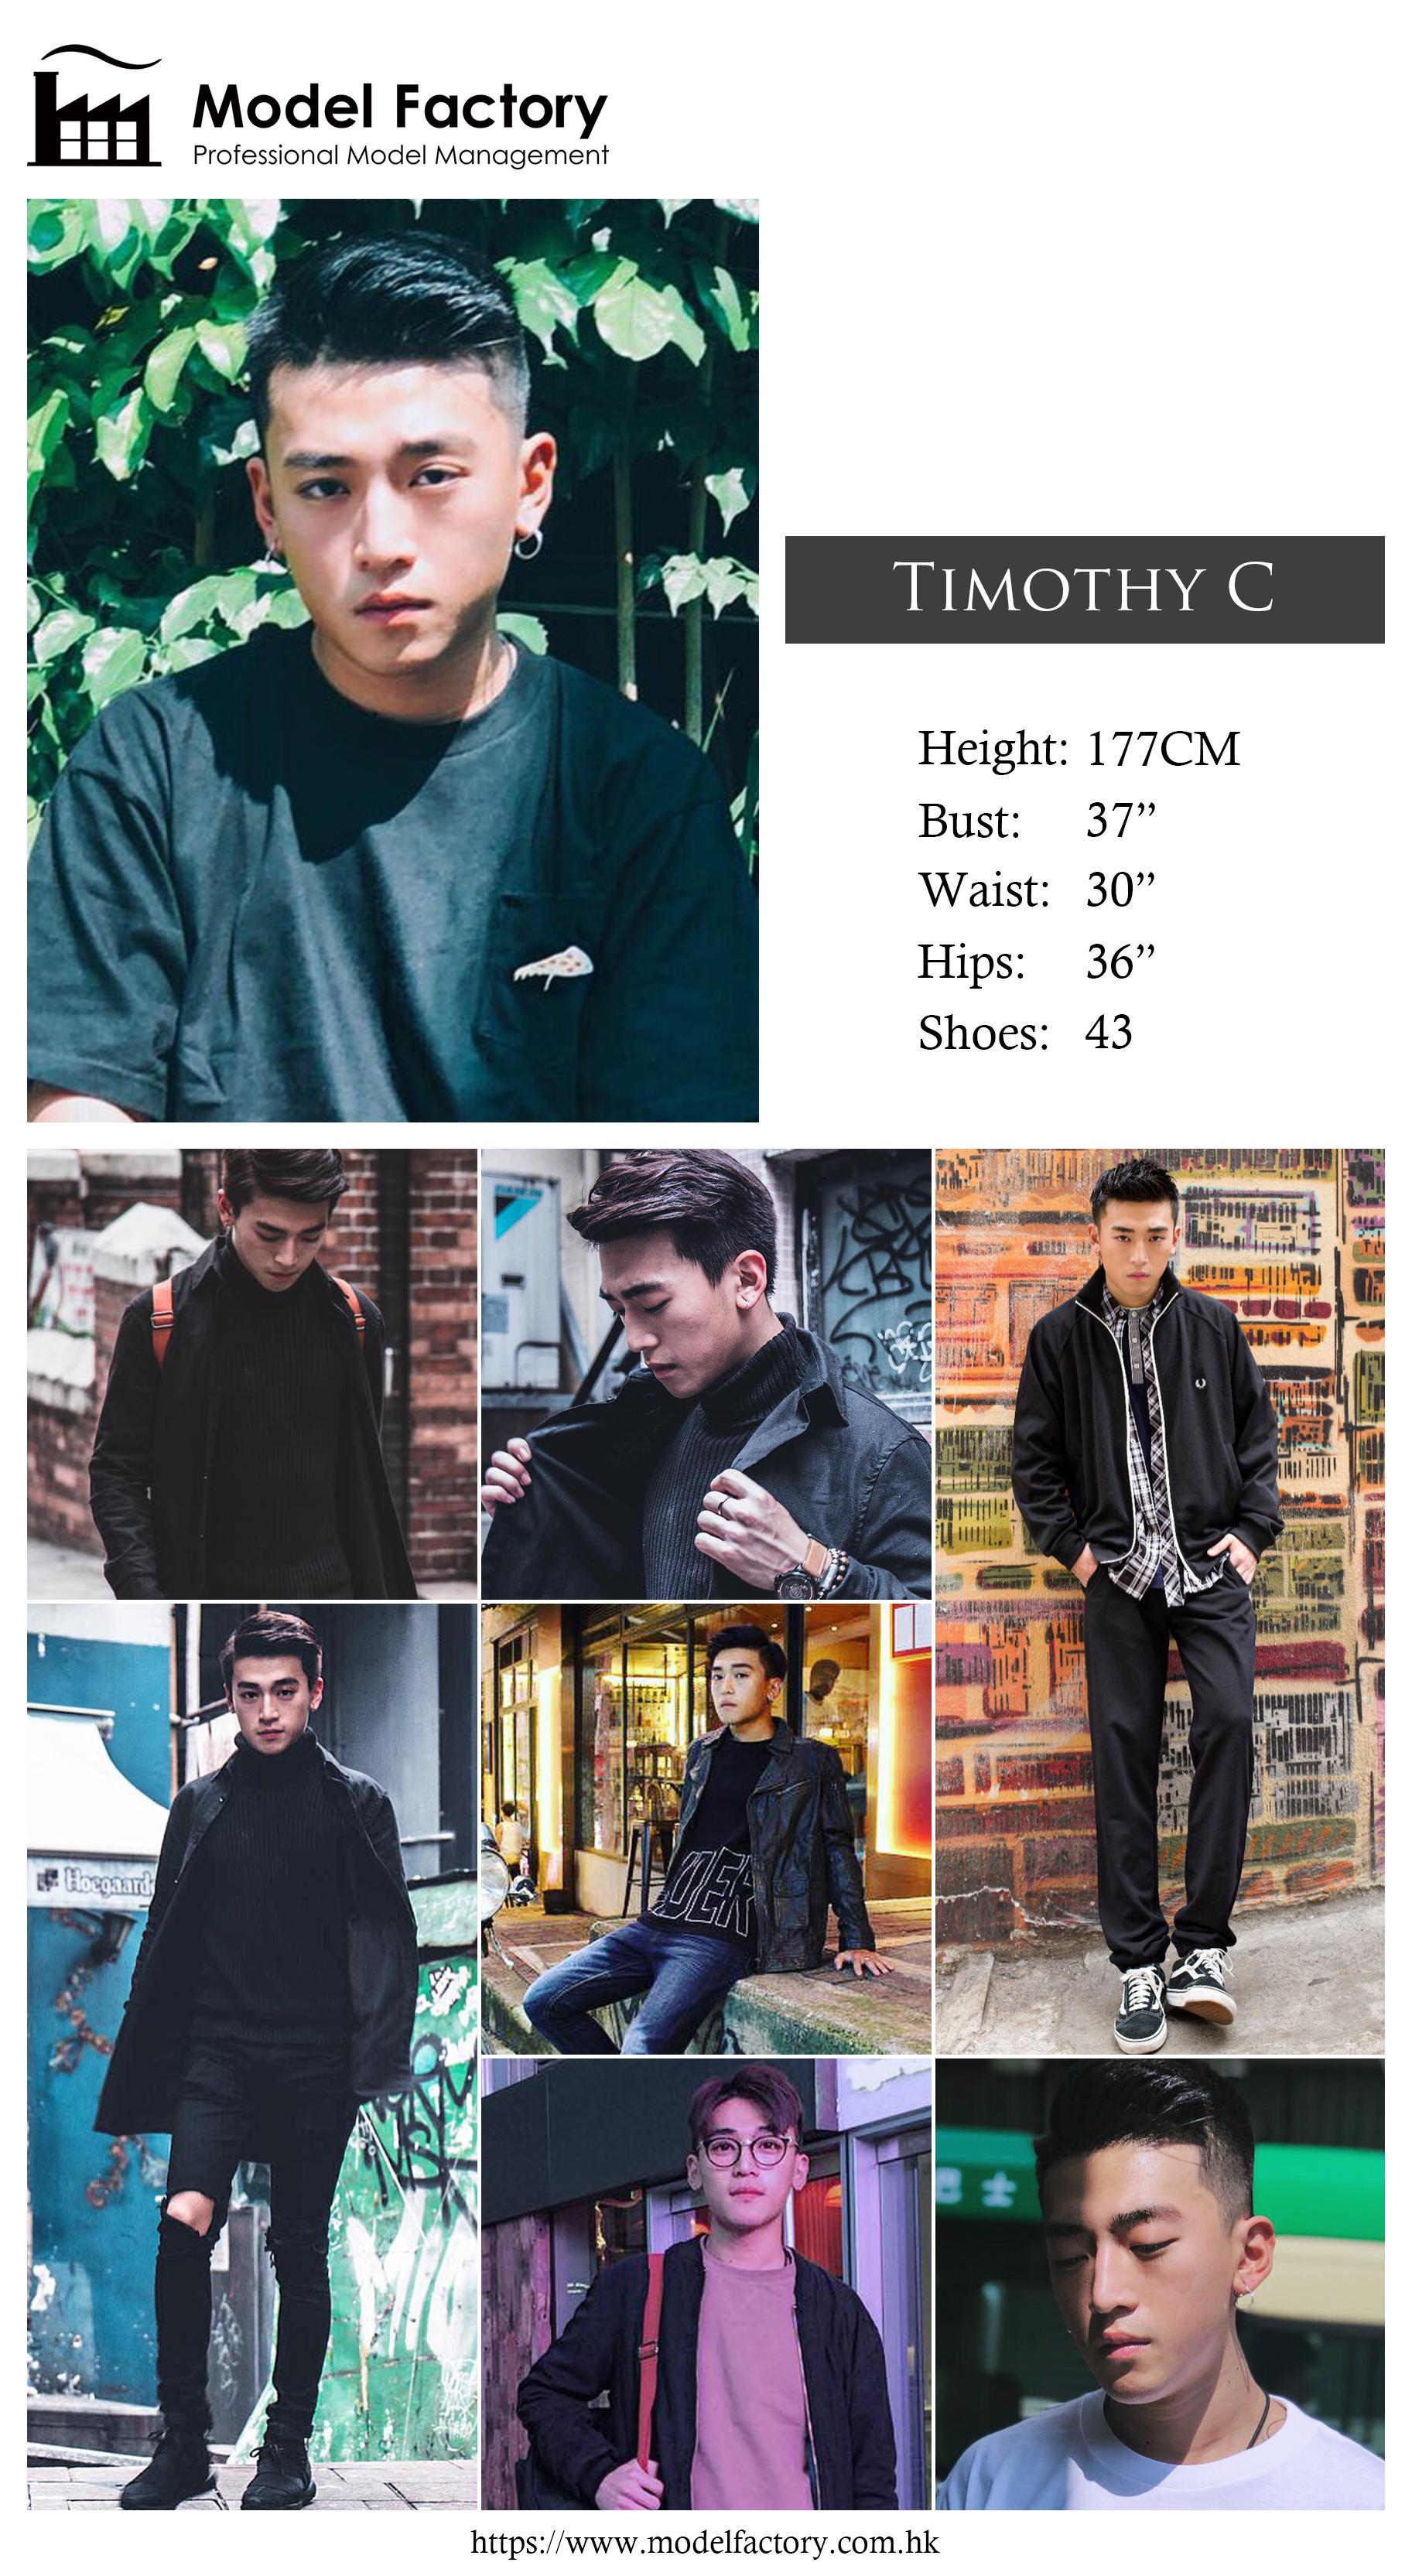 Model Factory Hong Kong Male Model TimothyC